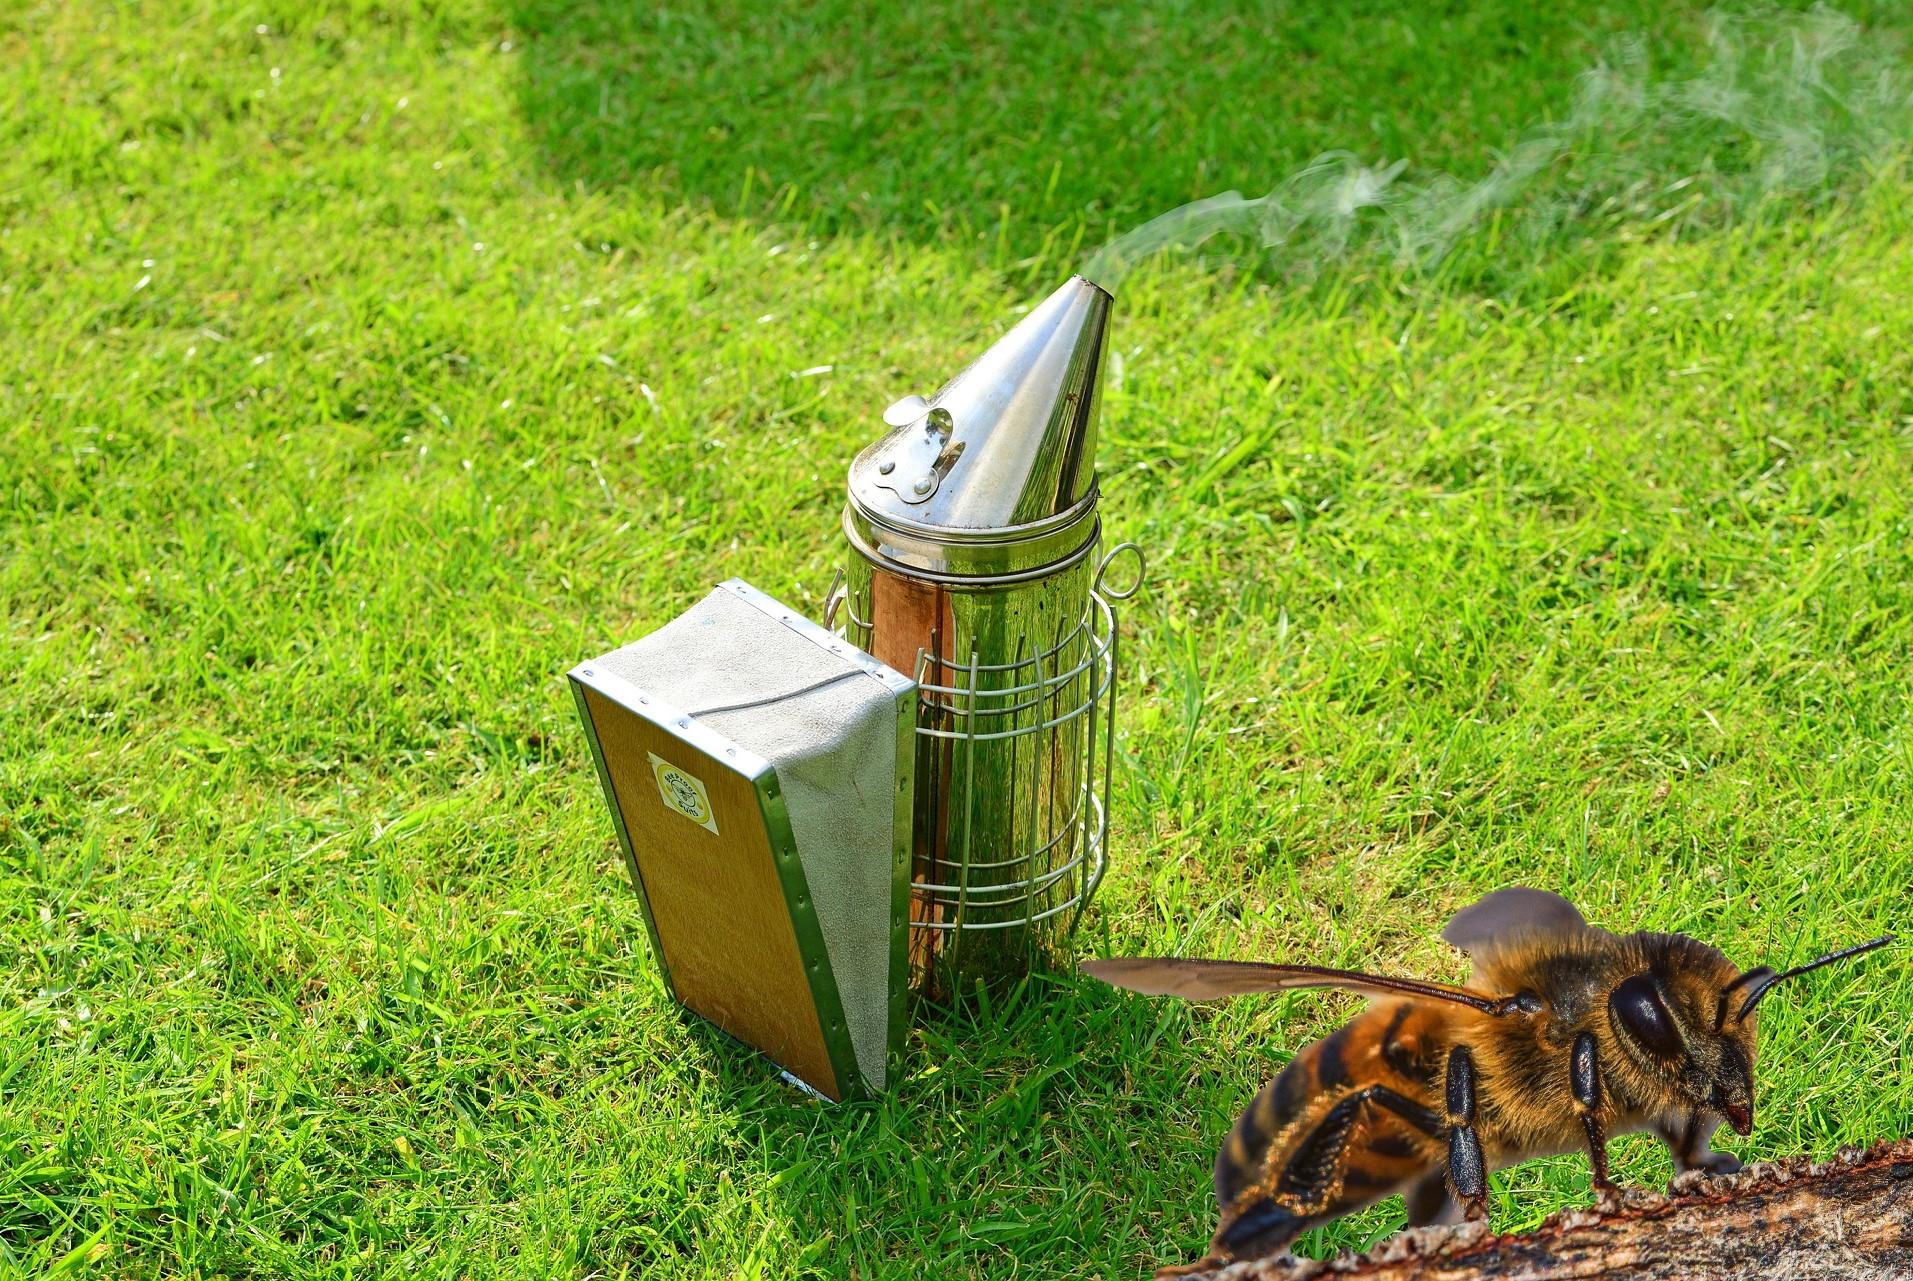 Un apicultor echa por error marihuana en el ahumador y se pone a recolectar néctar como si fuera una abeja